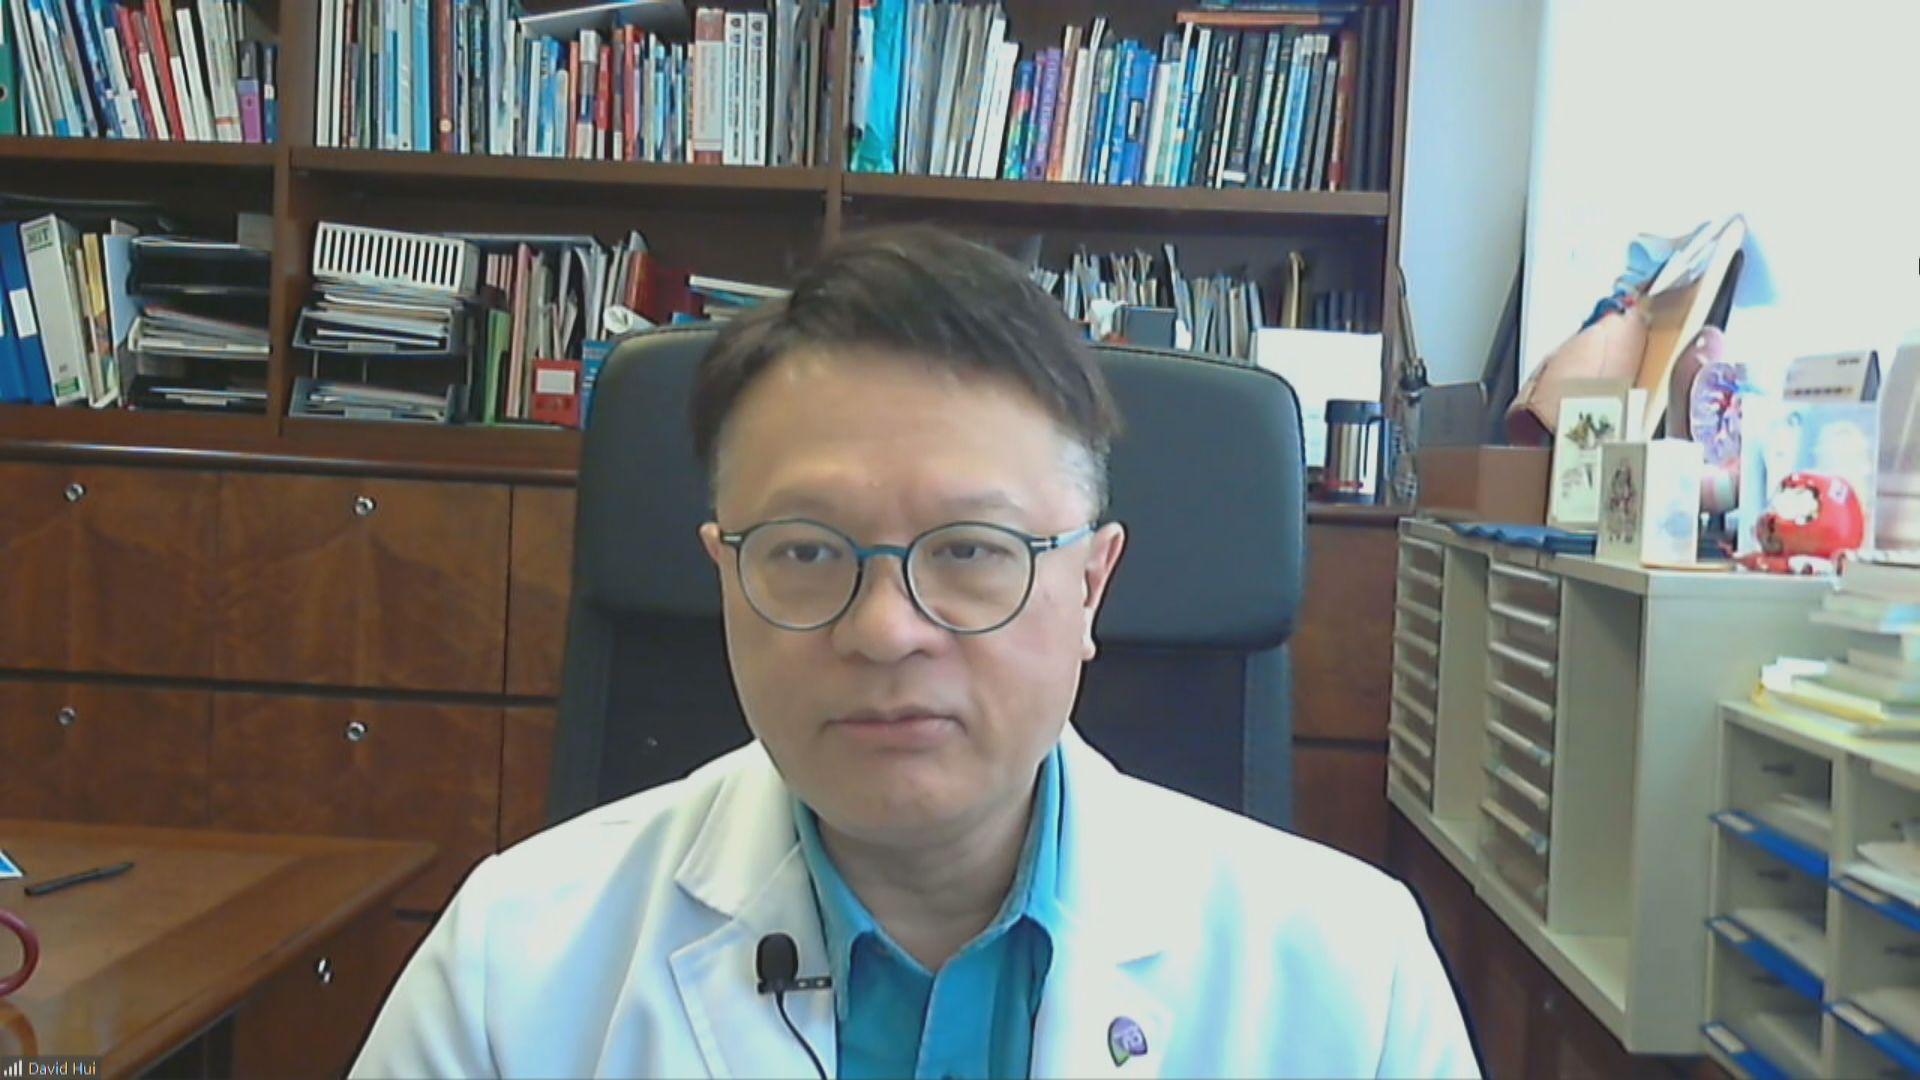 許樹昌:長者適合接種流感疫苗 原則上可接種新冠疫苗